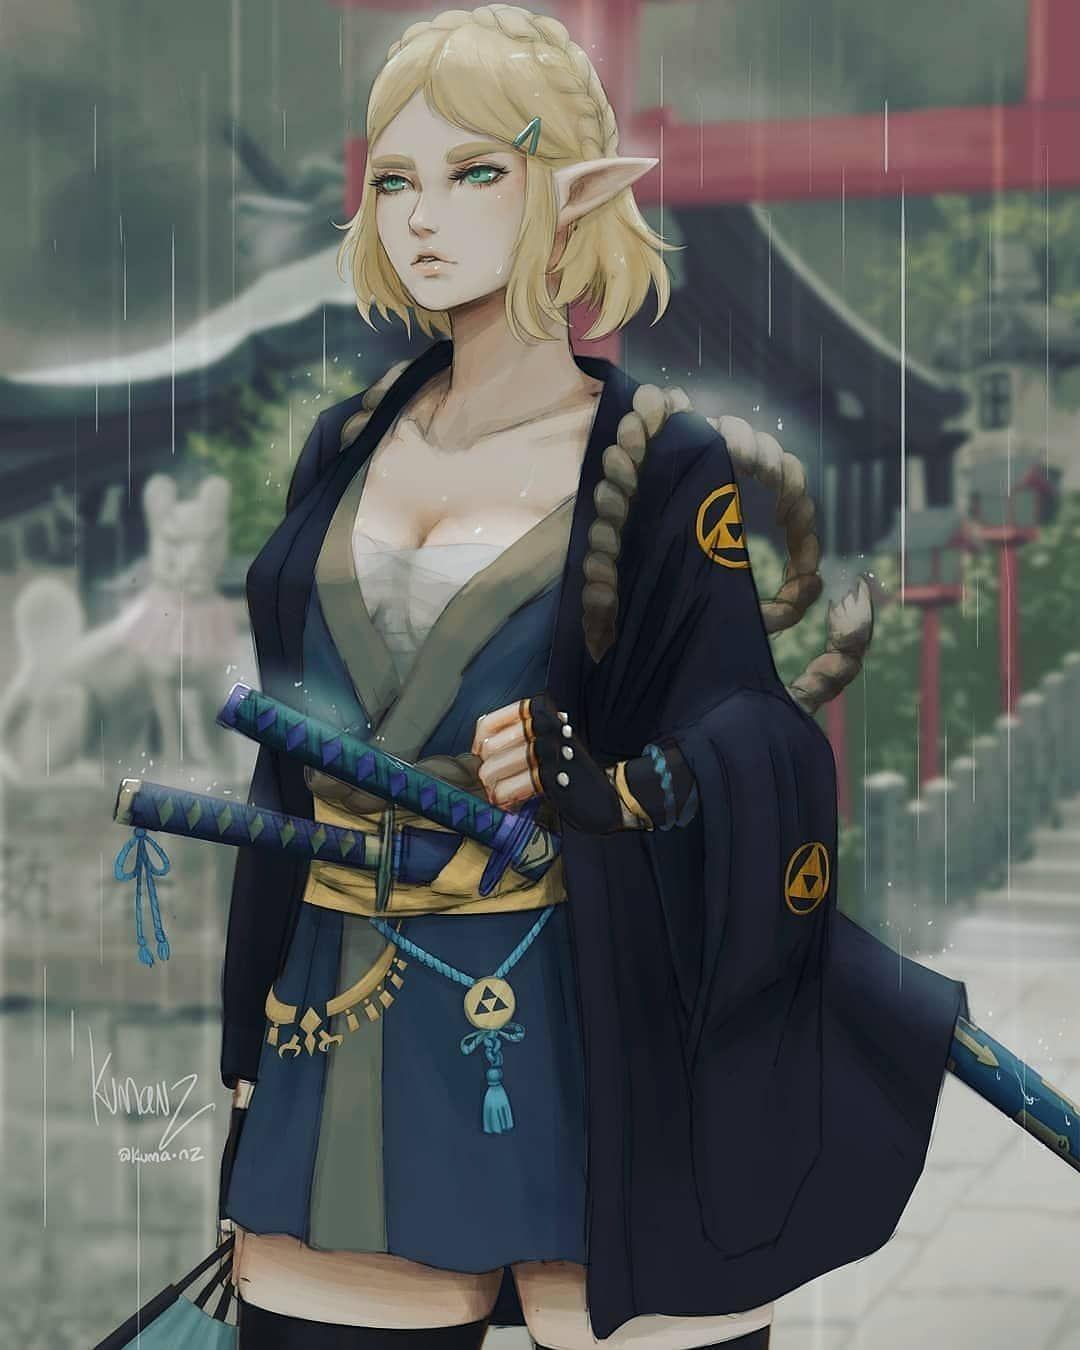 Legend Of Zelda Breath Of The Wild Sequel Inspired Concept Art Samurai Princess Zelda Botw 2 Kuma Nz Breath Of The Wild Legend Of Zelda Breath Zelda Art